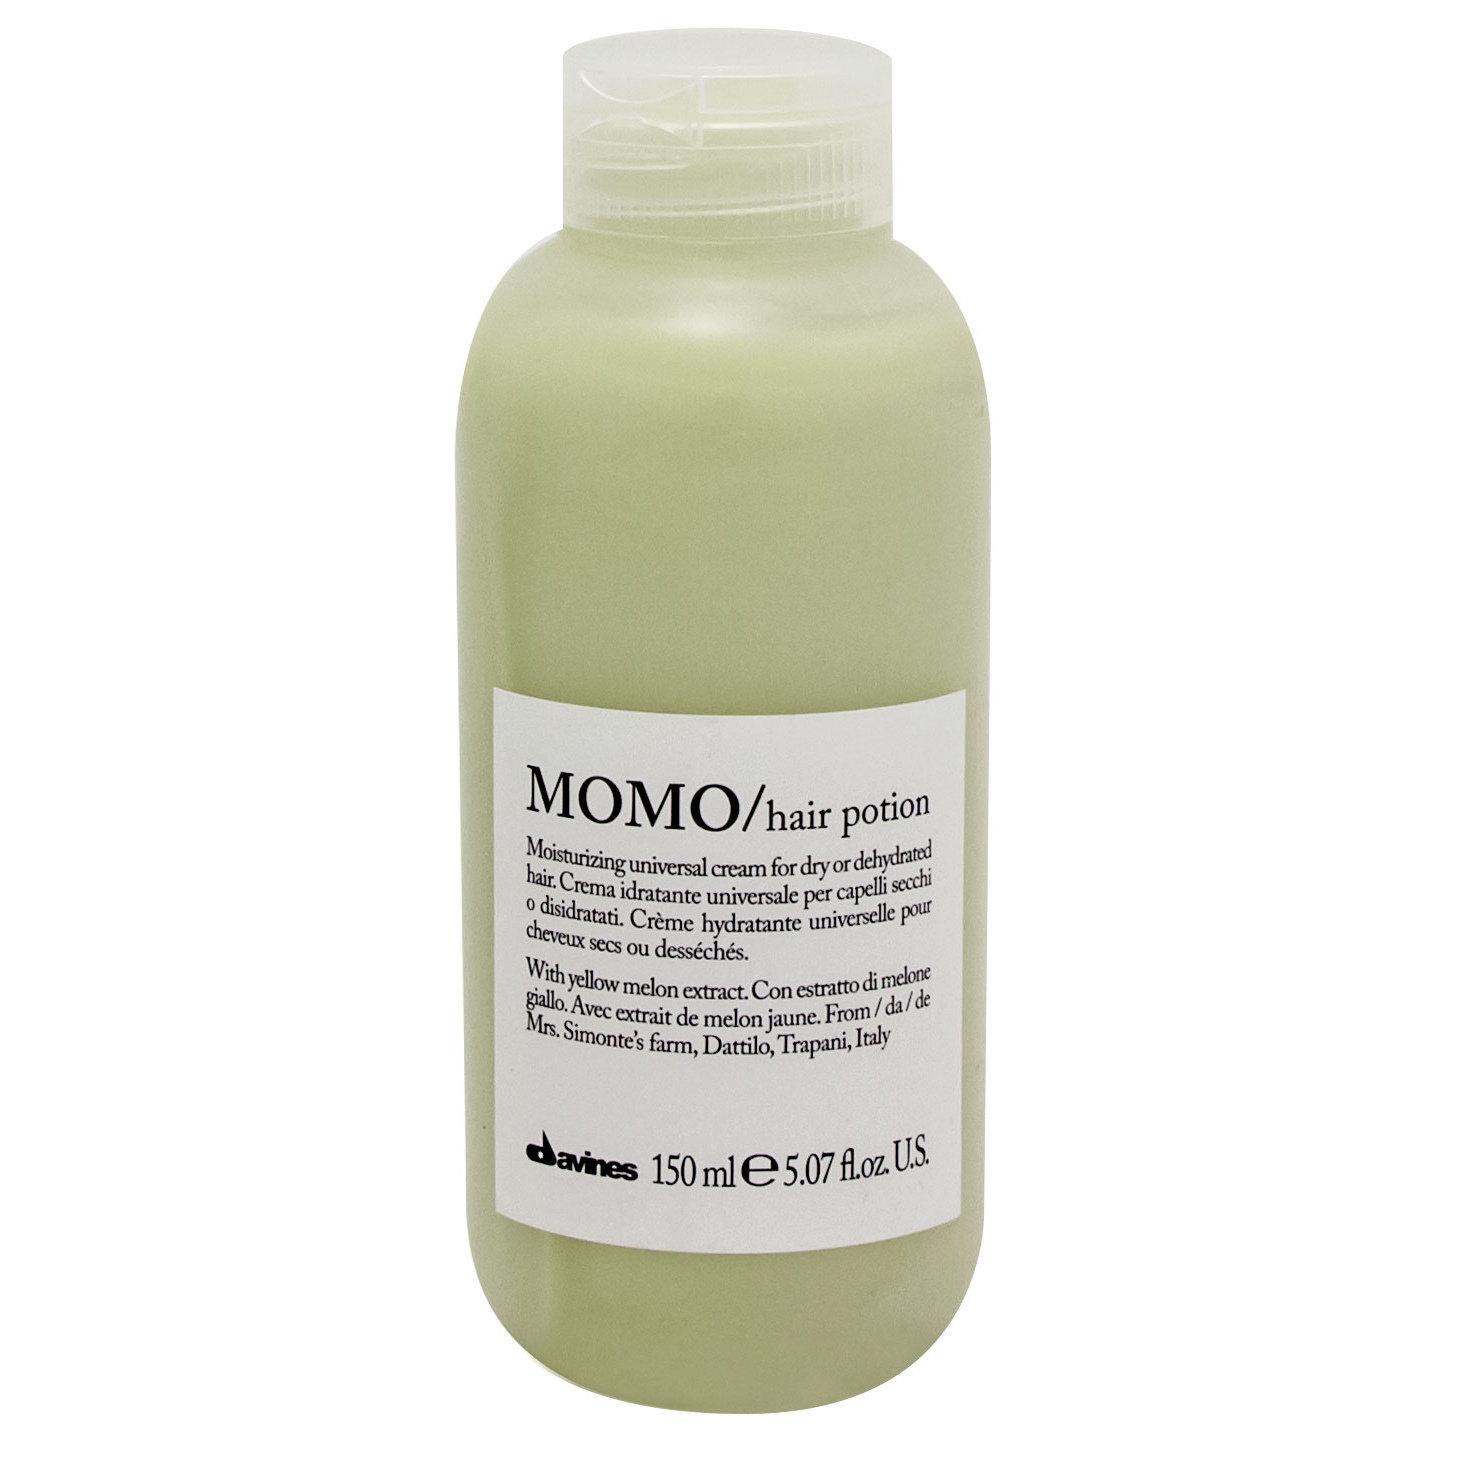 Momo\Hair potion / Универсальный несмываемый увлажняющий крем